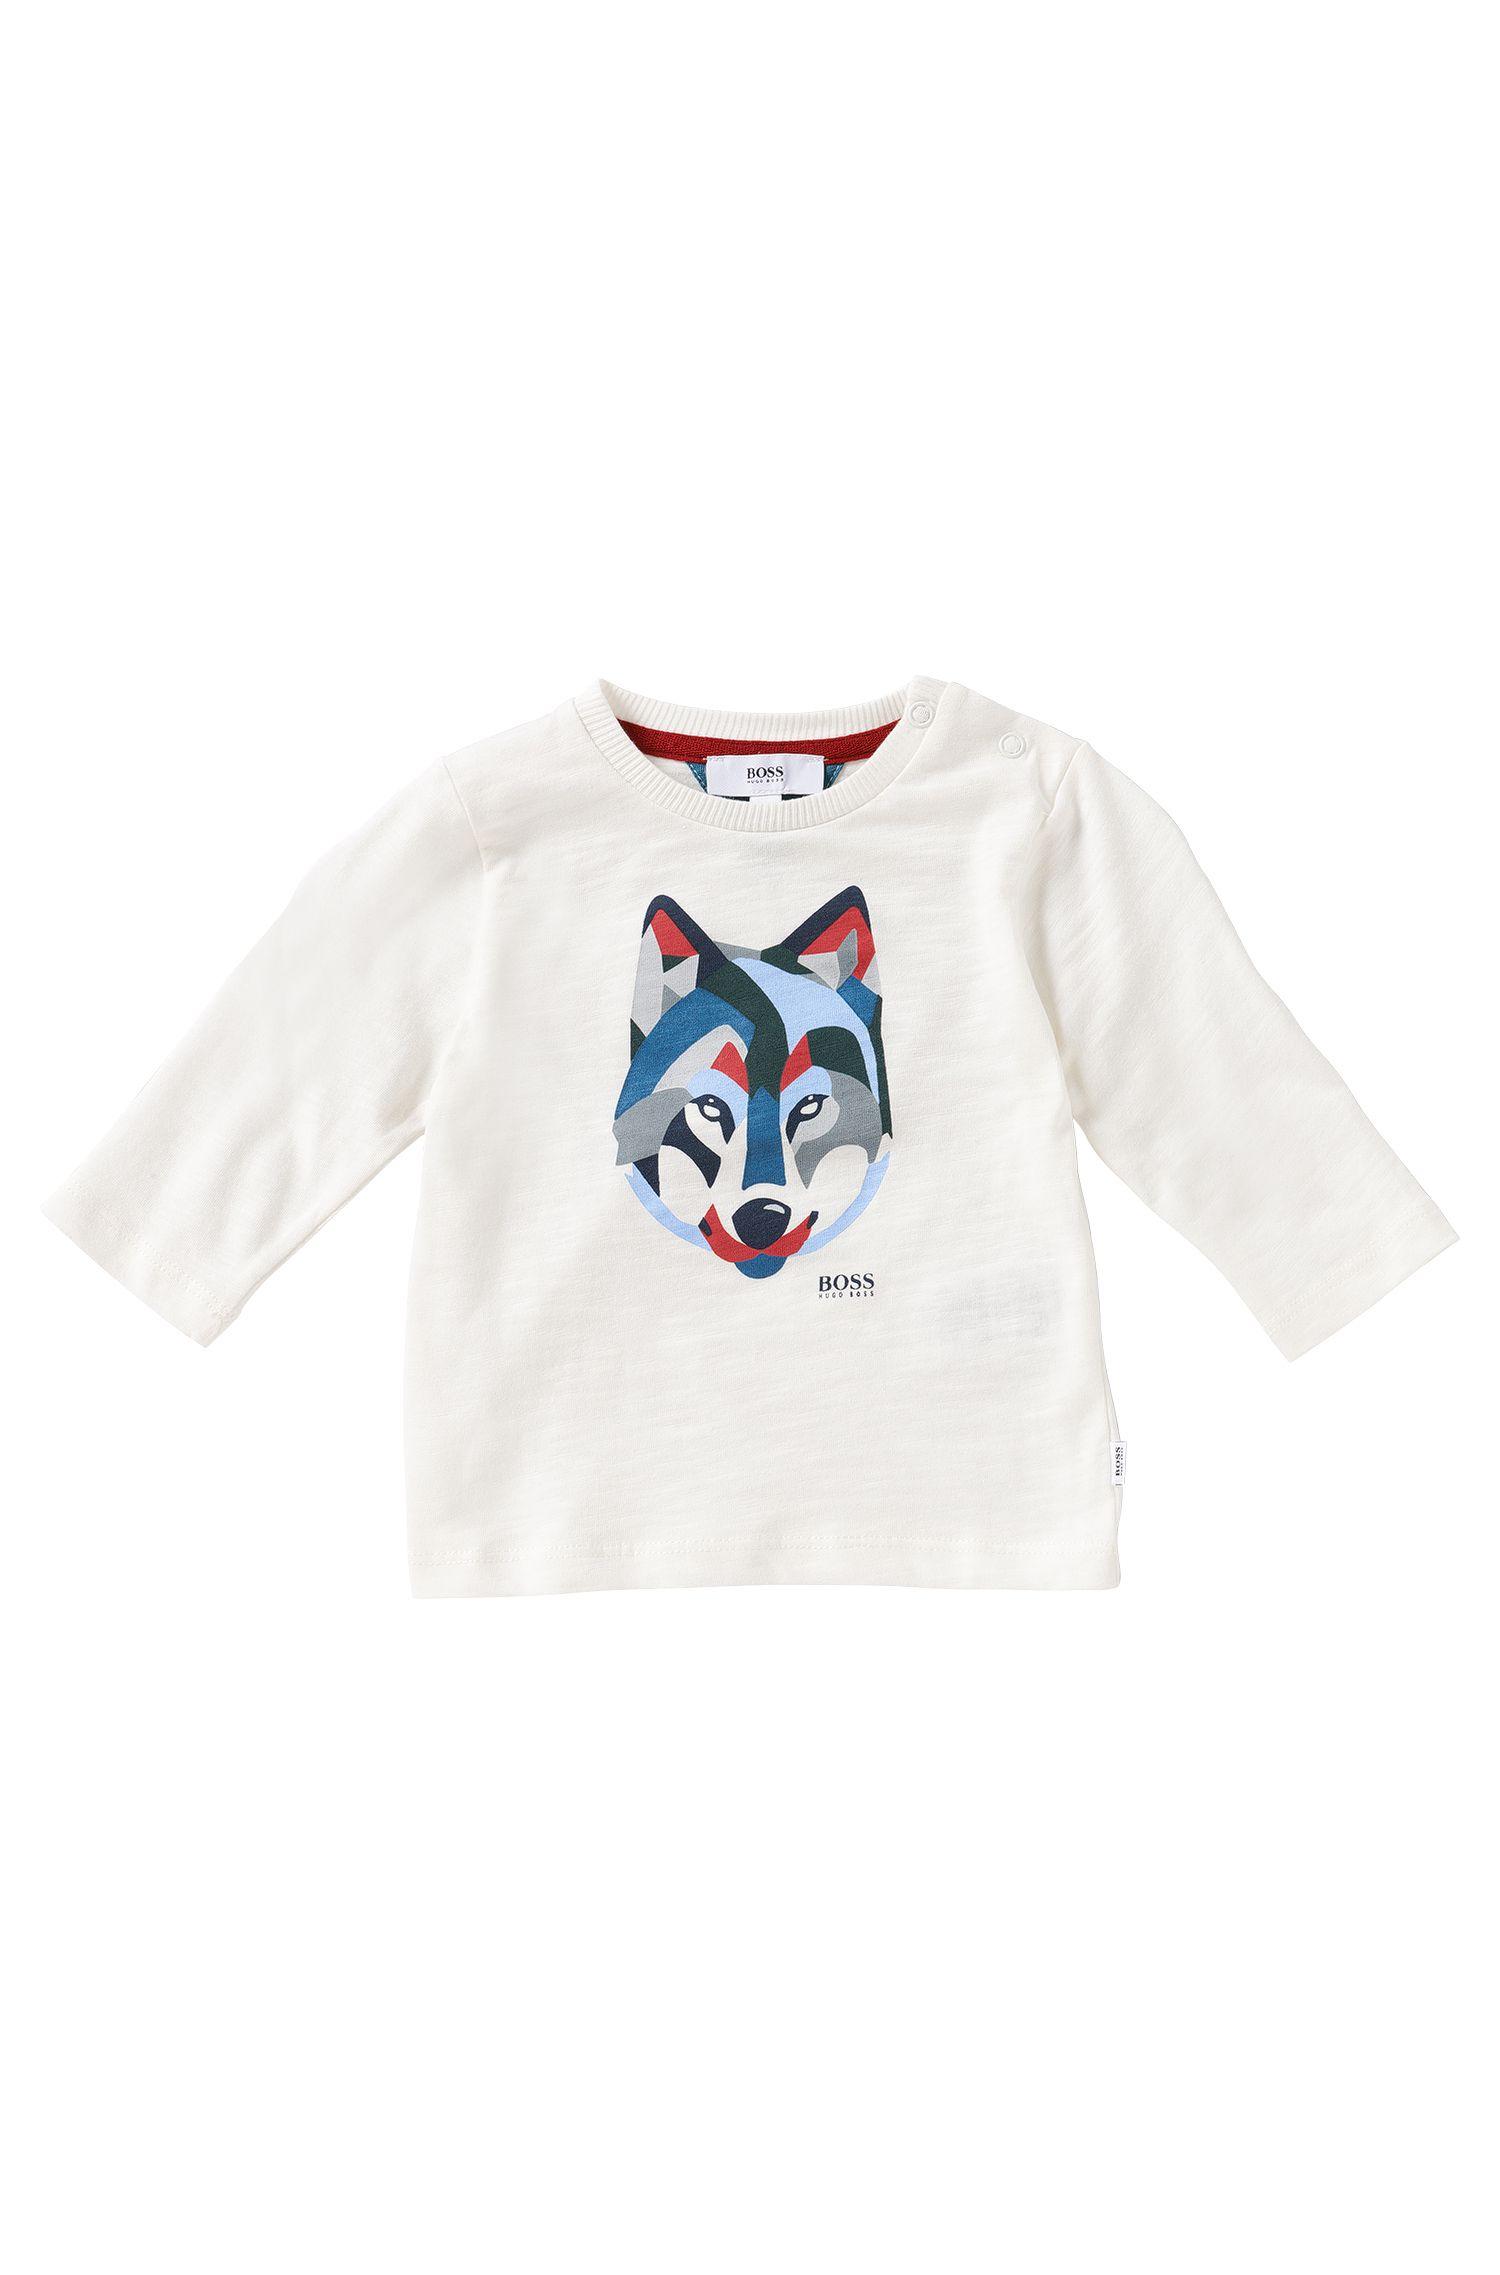 Kindershirt met lange mouwen van katoen: 'J05395'